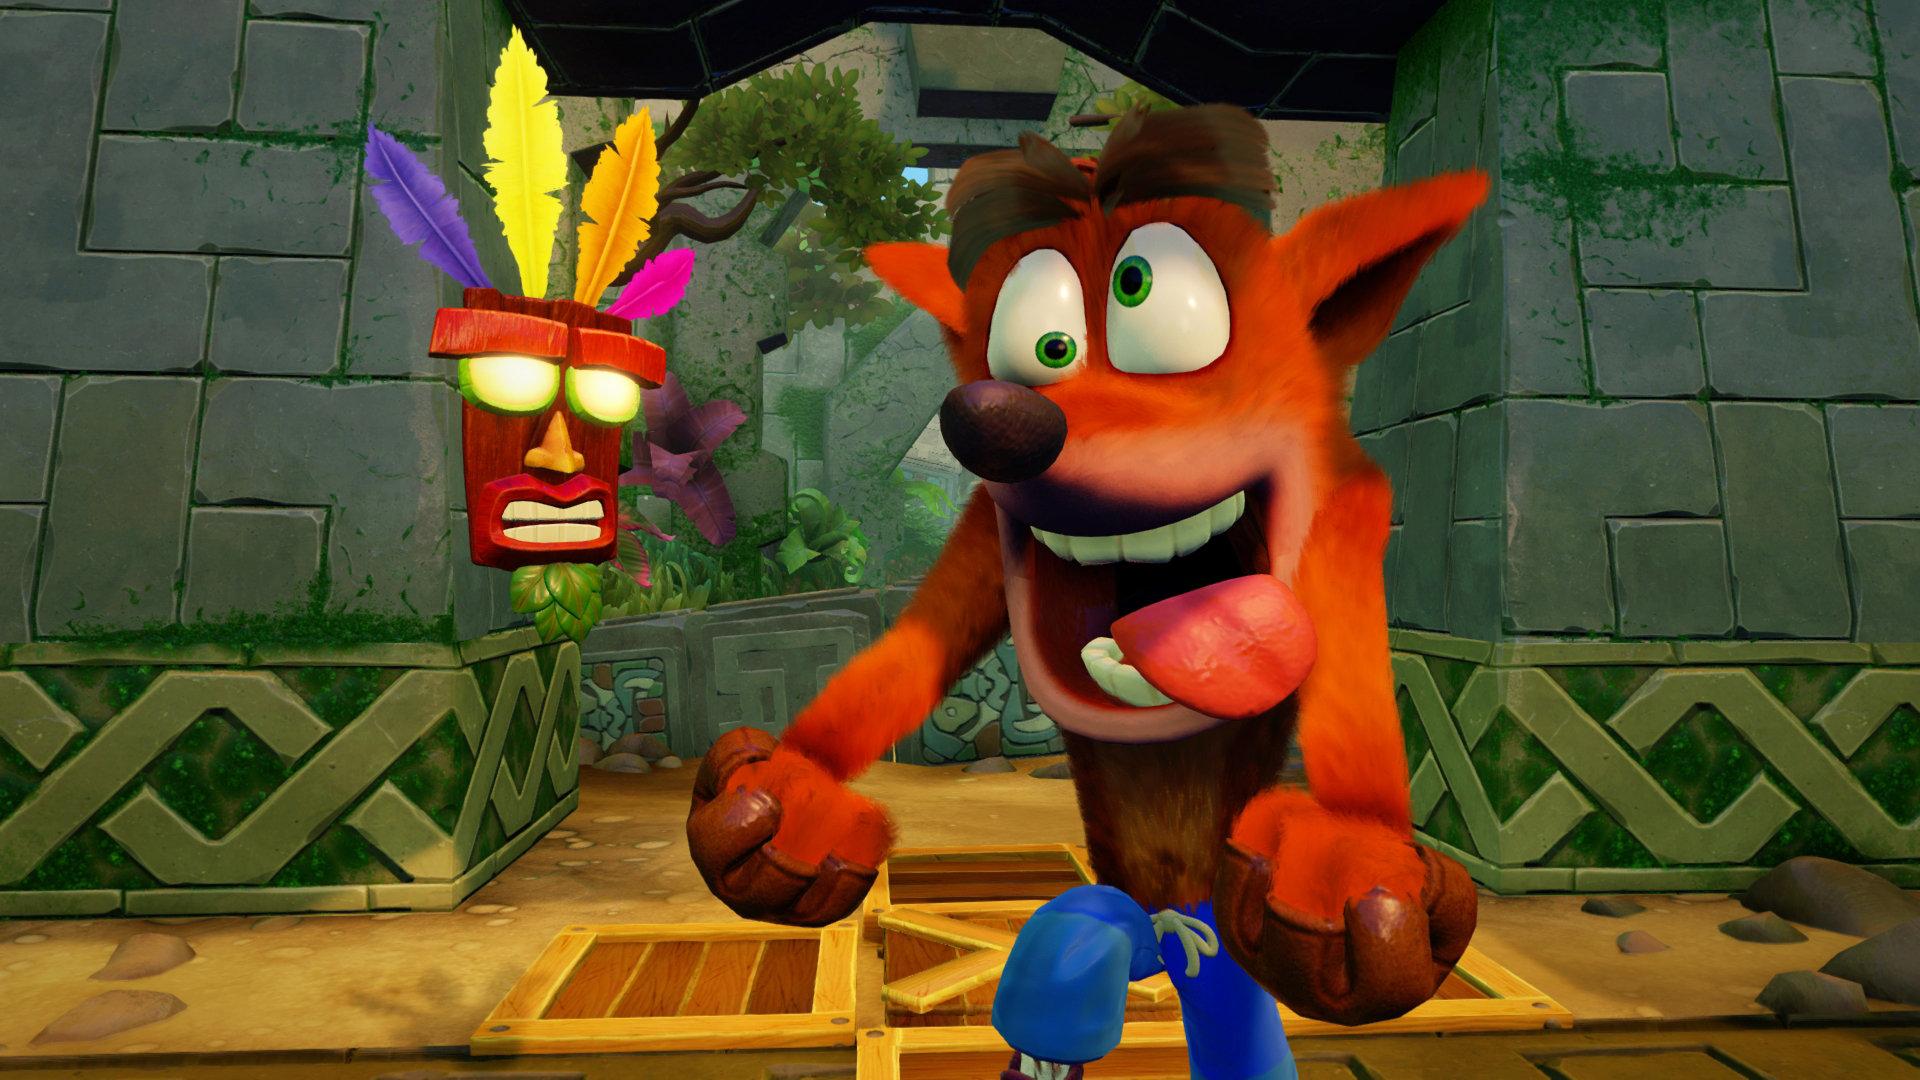 crash-bandicoot-2 Crash Bandicoot: N. Sane Trilogy'nin çıkış tarihi duyuruldu